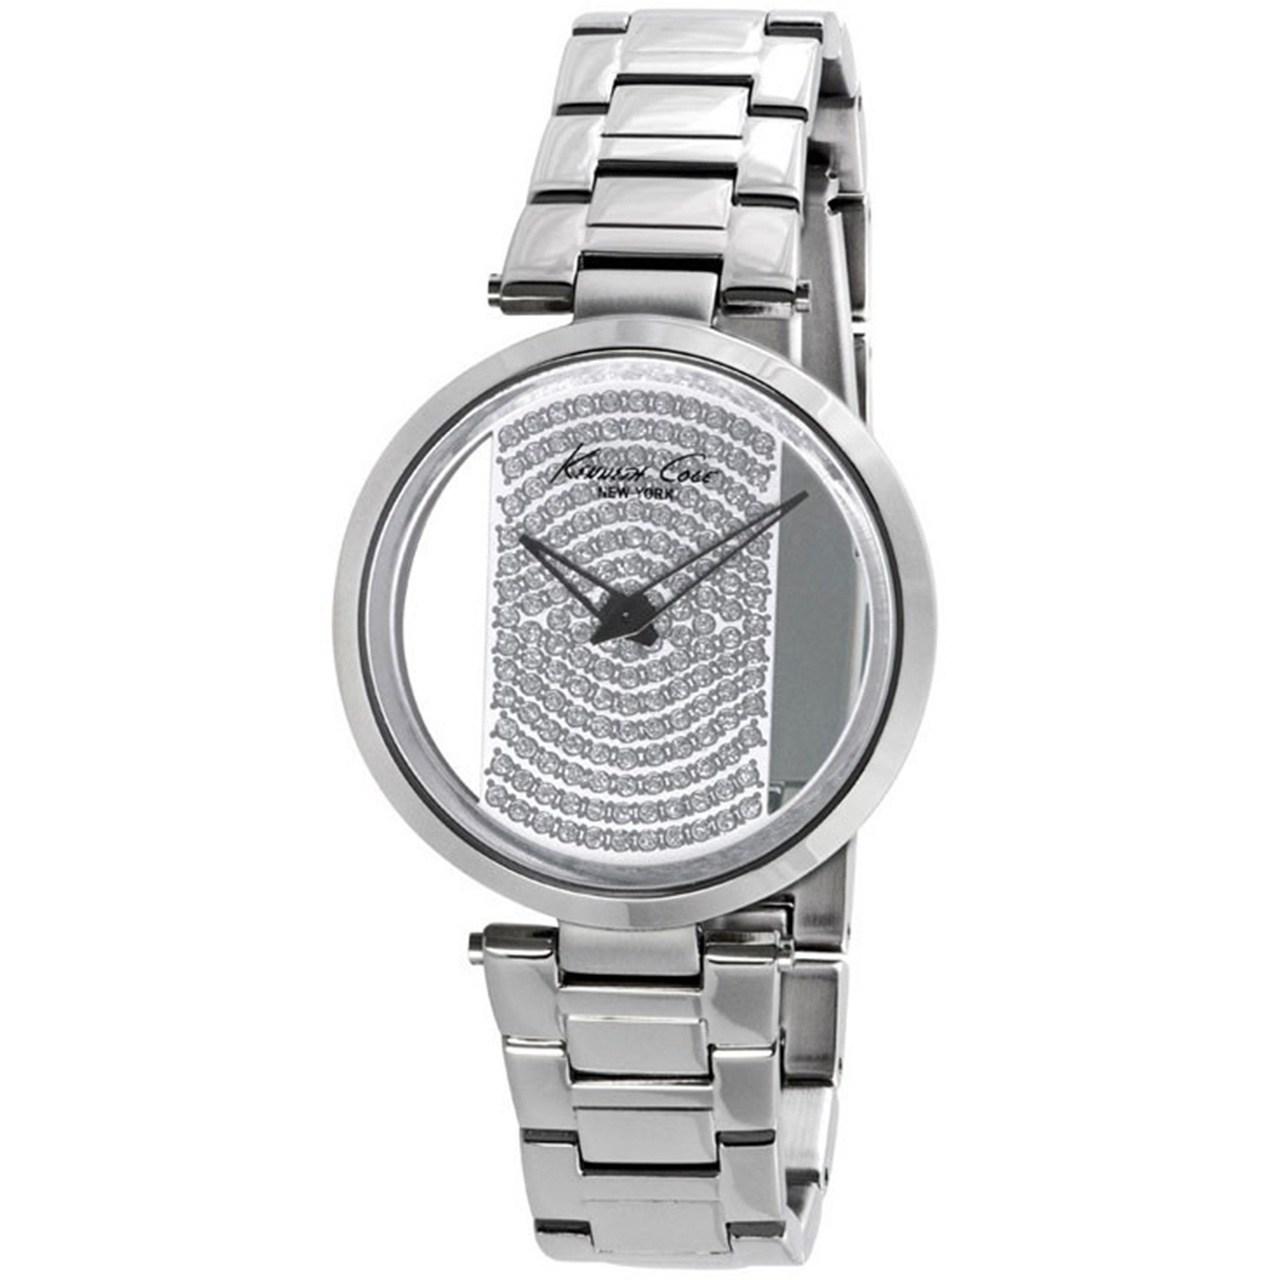 ساعت مچی عقربه ای زنانه کنت کول مدل KC0035